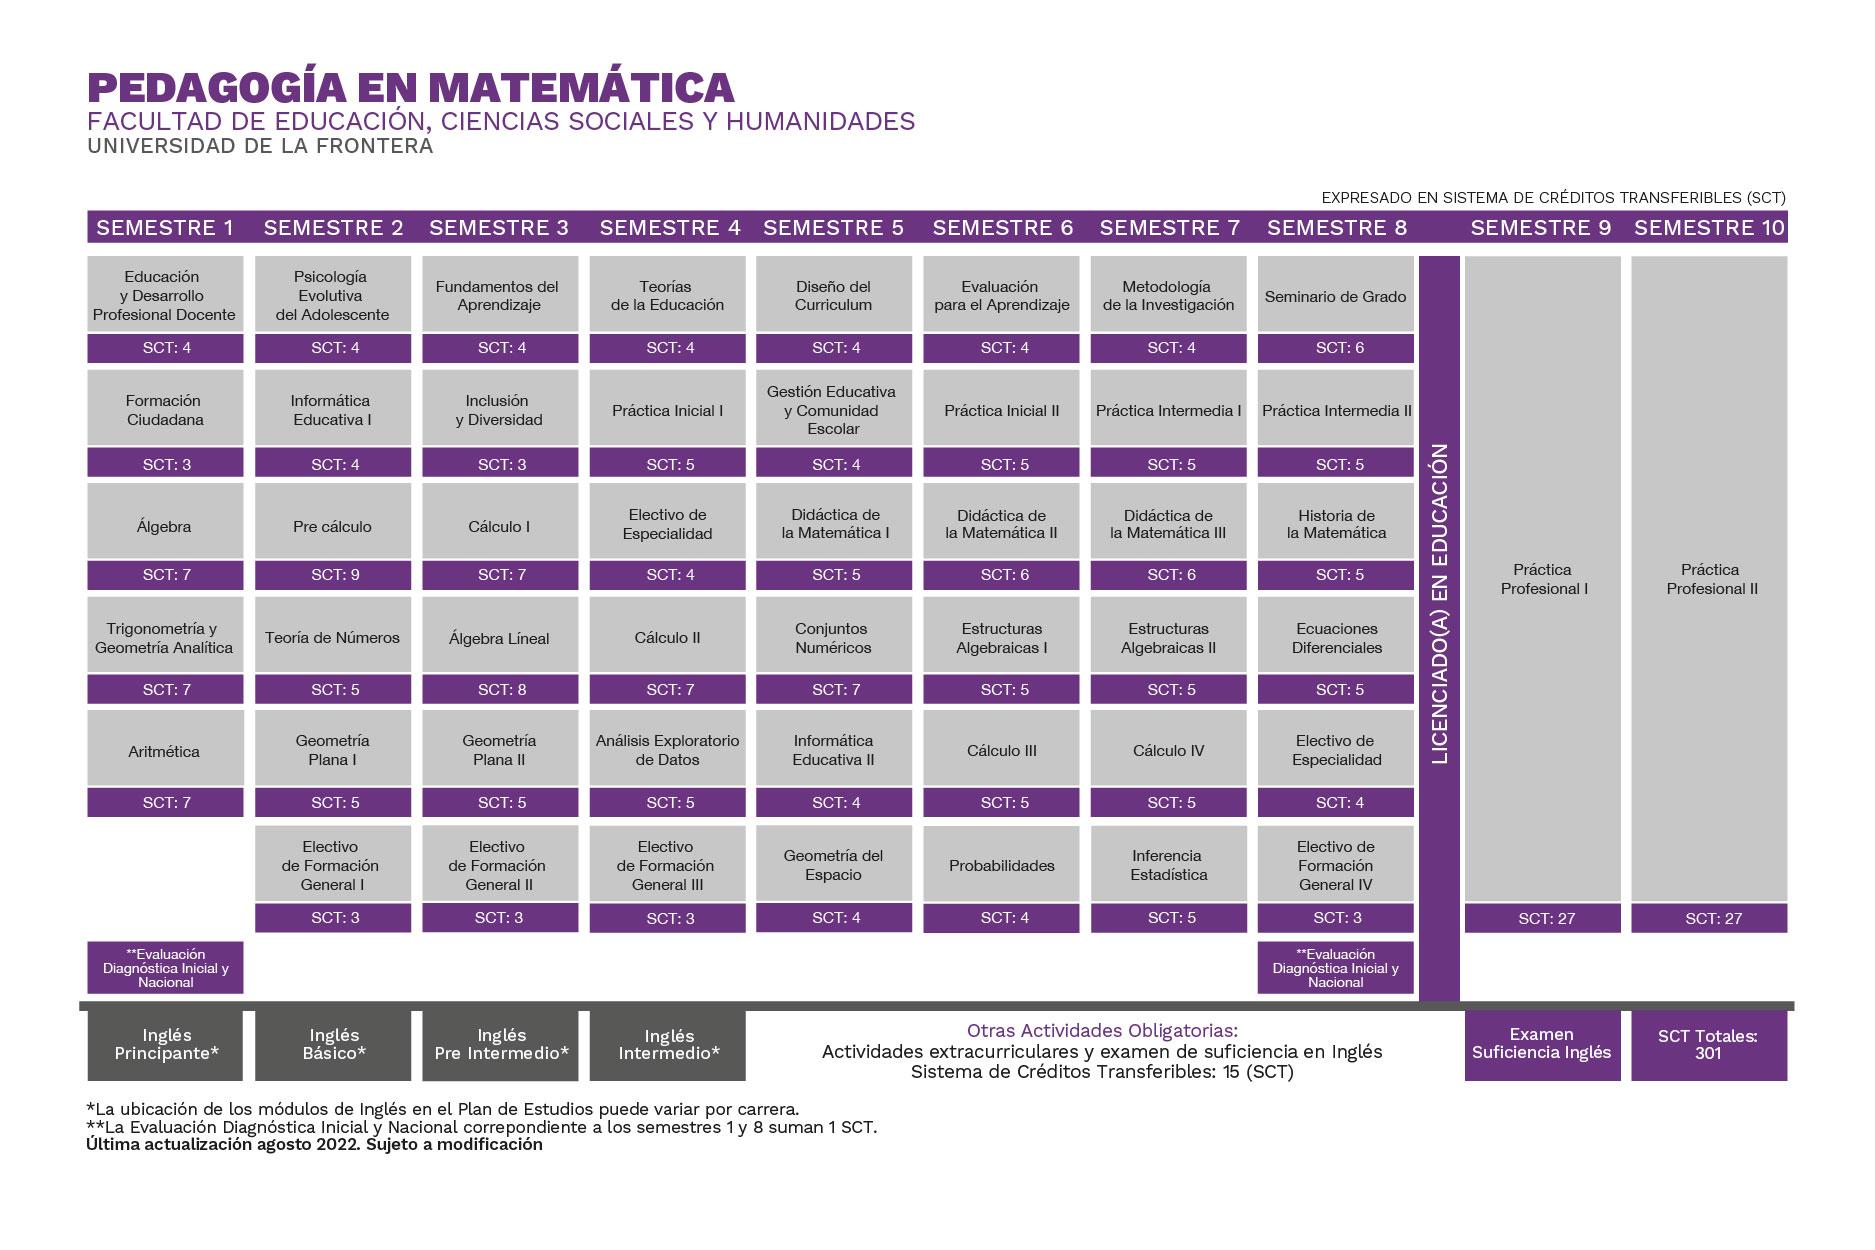 Plan de Estudios Pedagogía en Matemática